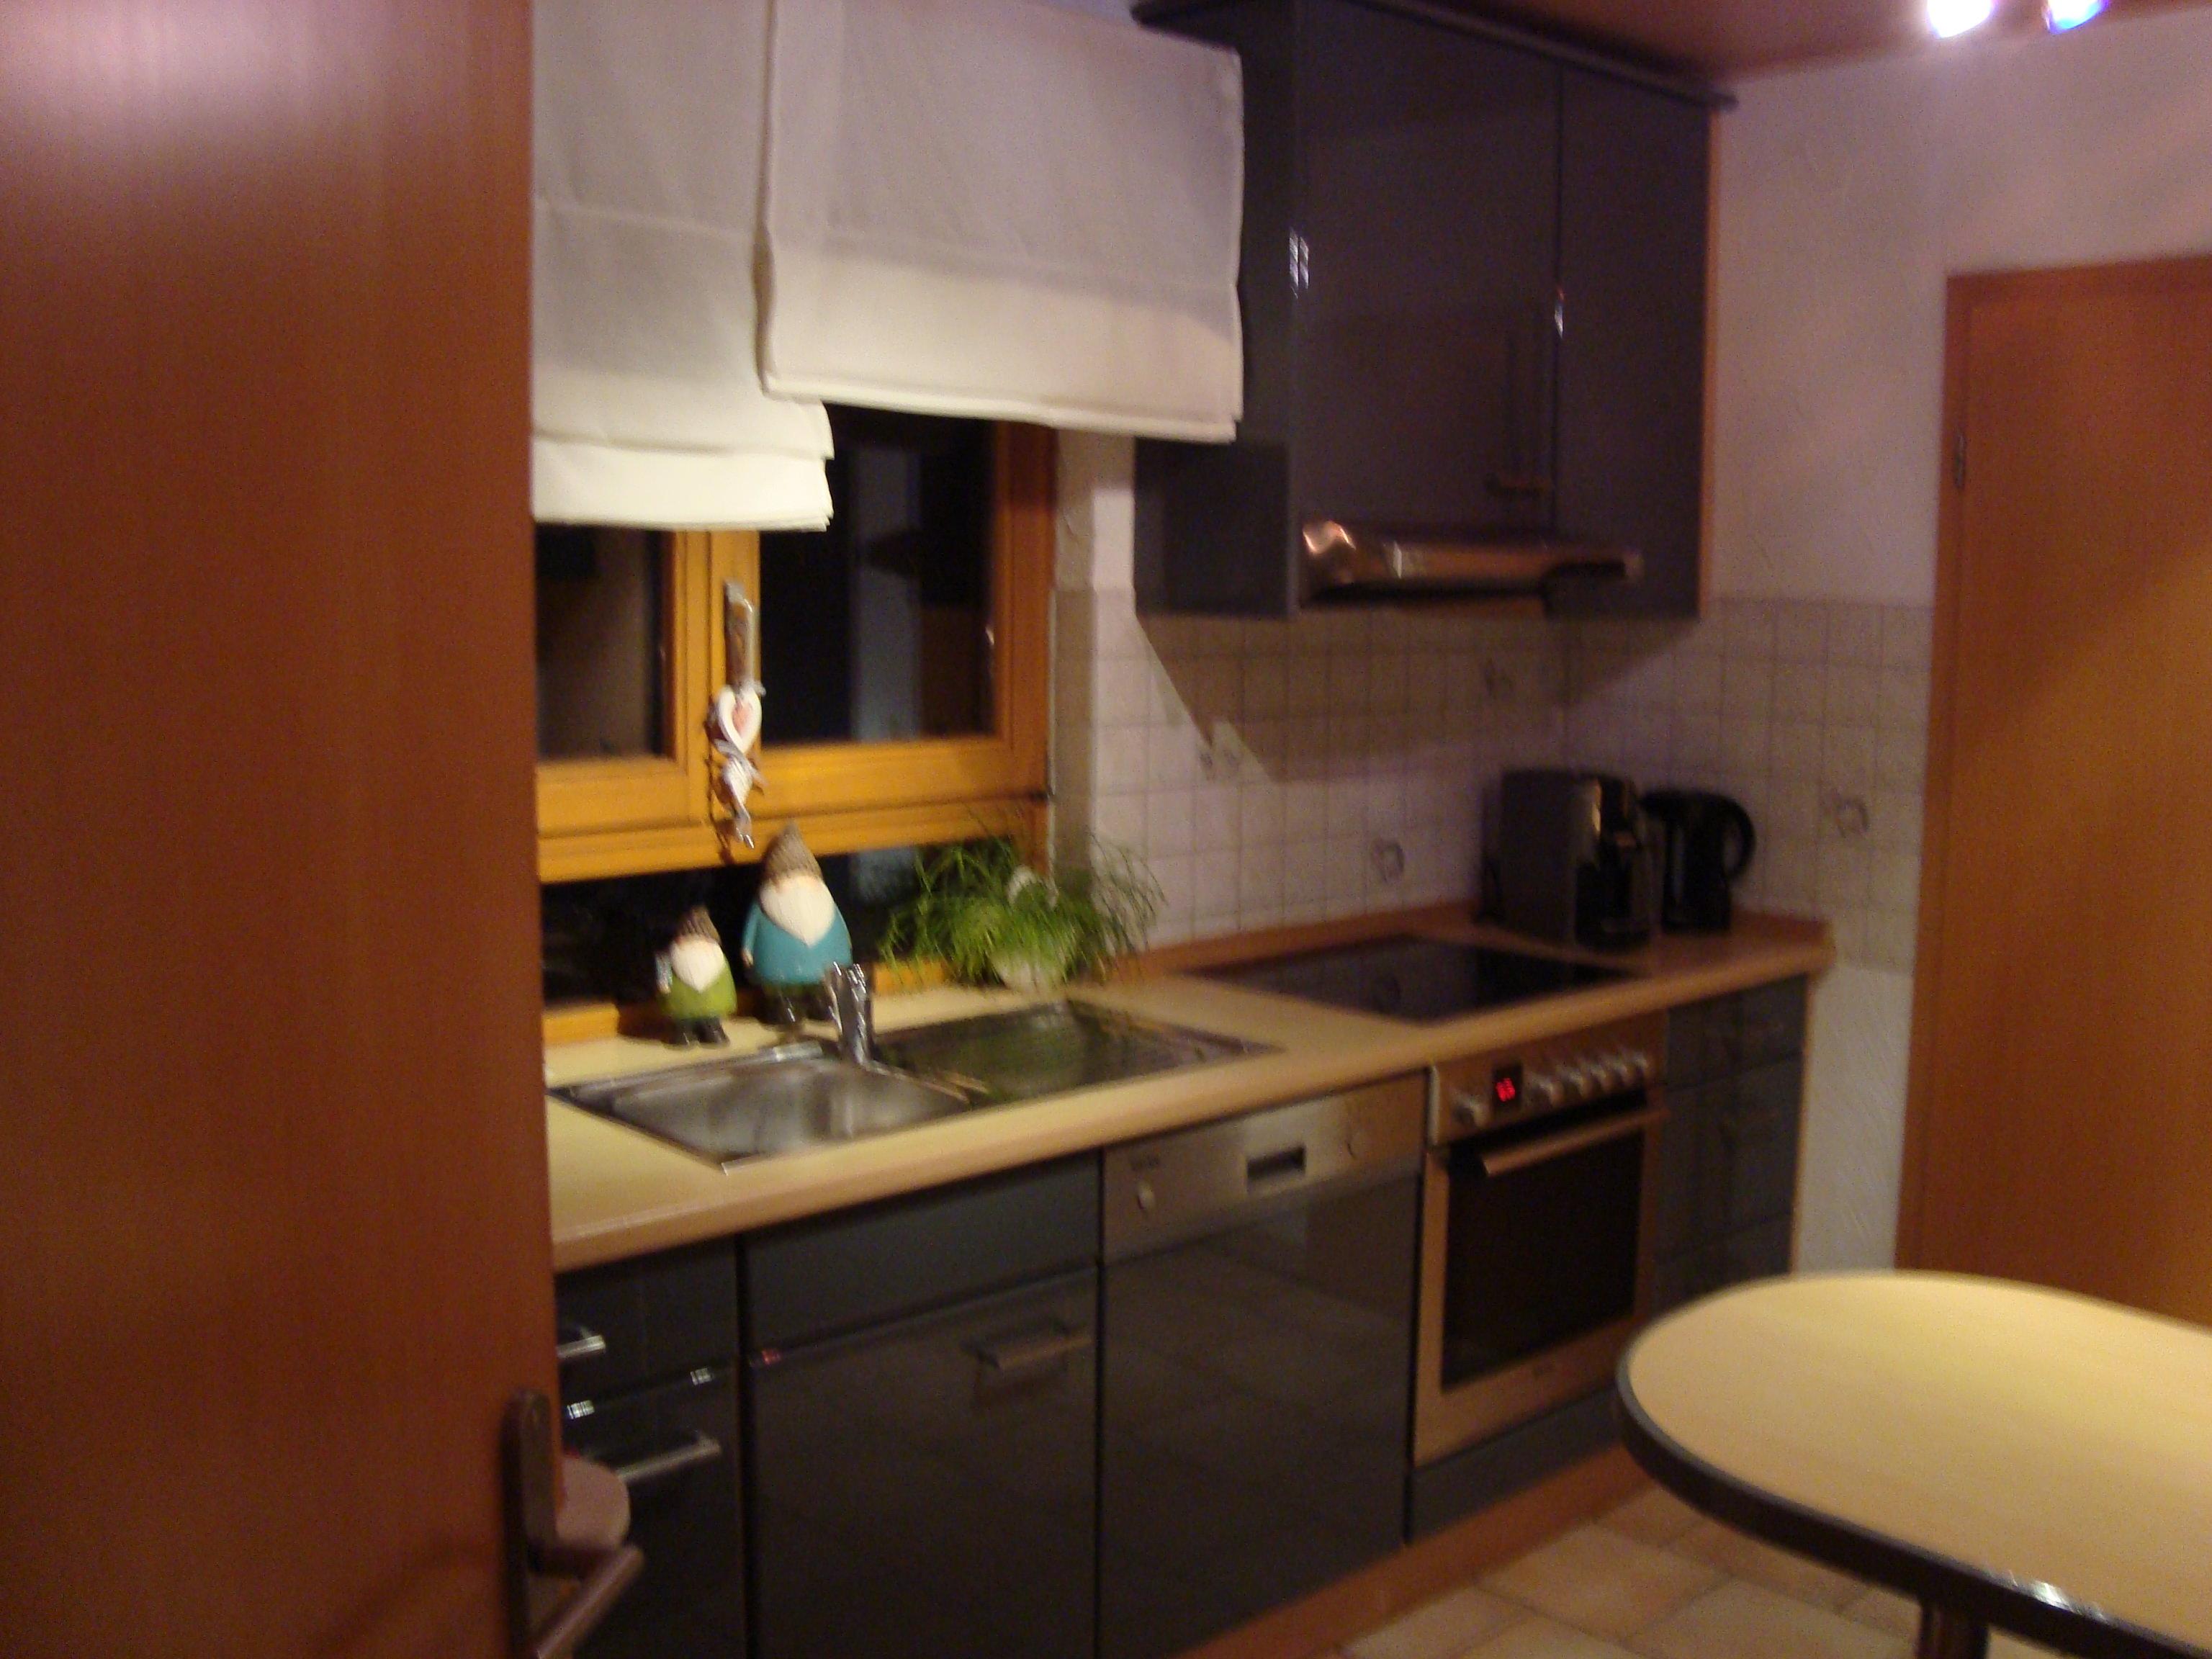 Tolle Küche Renovieren Appliance Paket Galerie - Ideen Für Die Küche ...